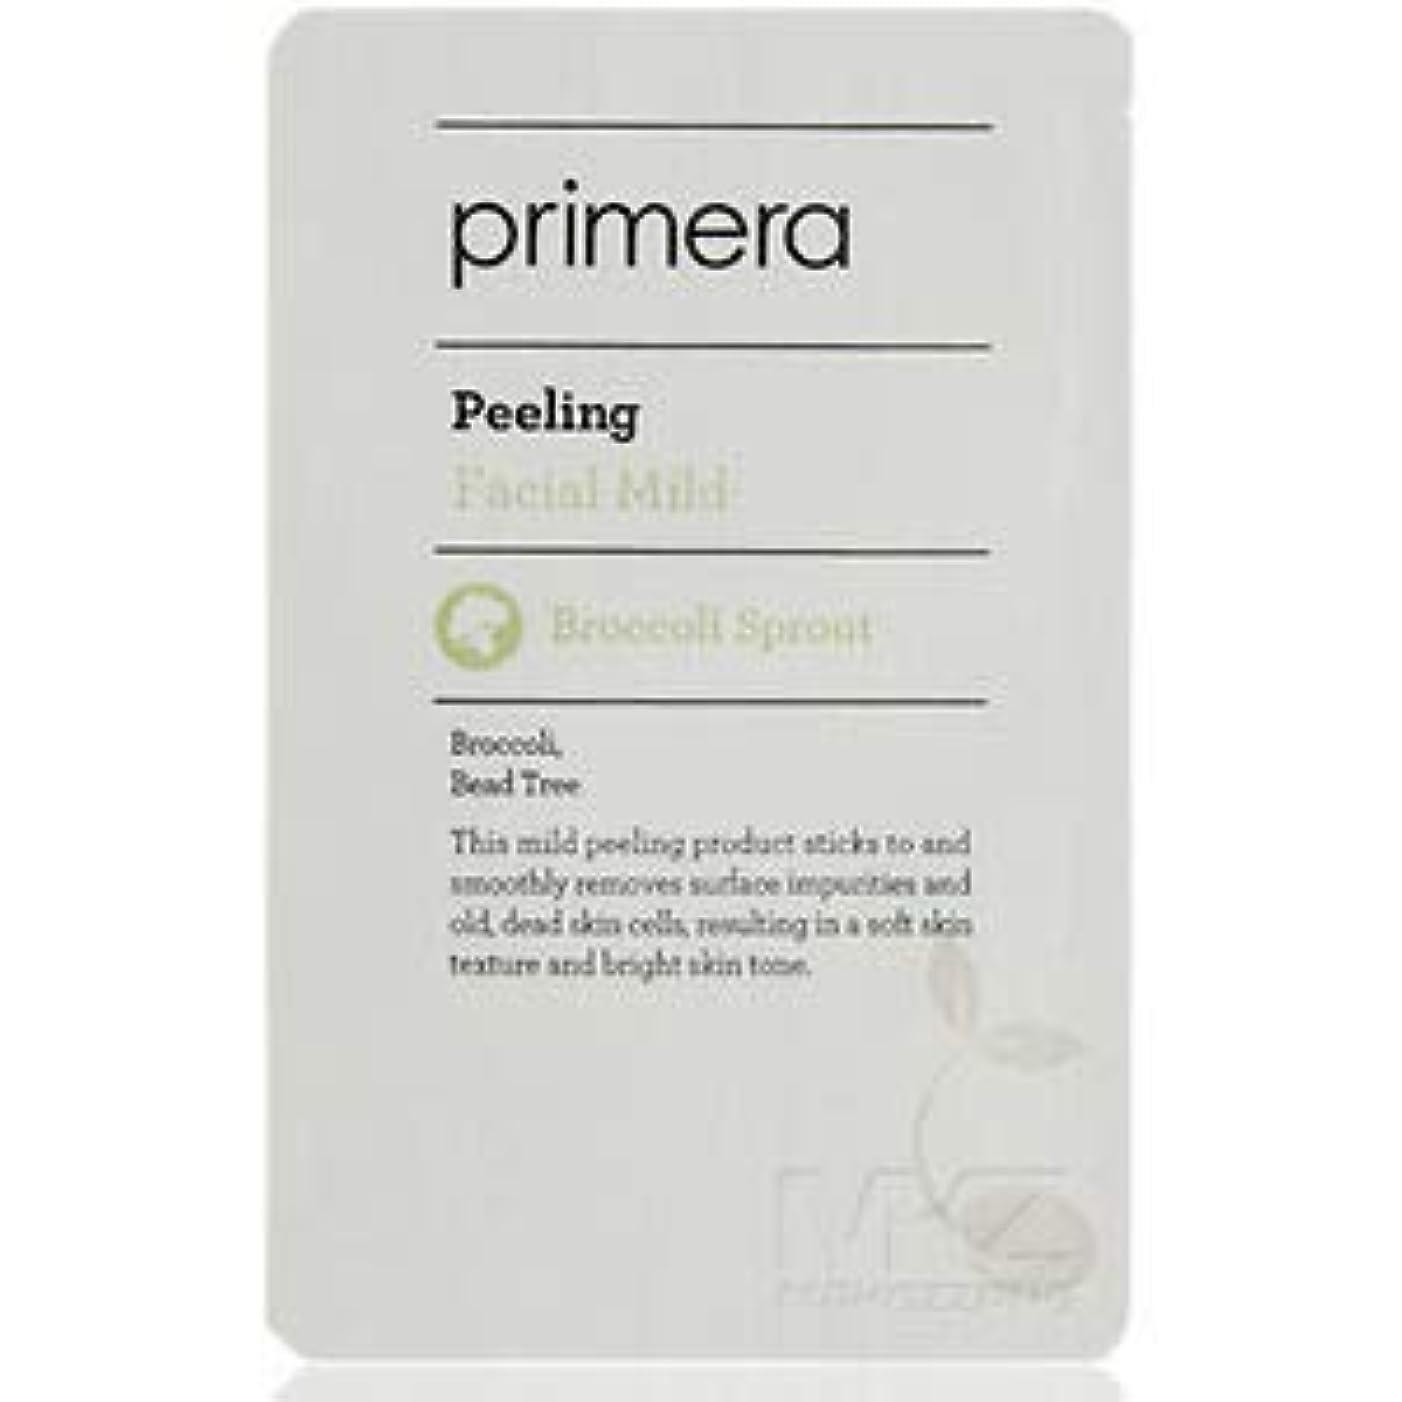 にんじんアスリート克服するPrimera facial mild peeling sample20EA [並行輸入品]